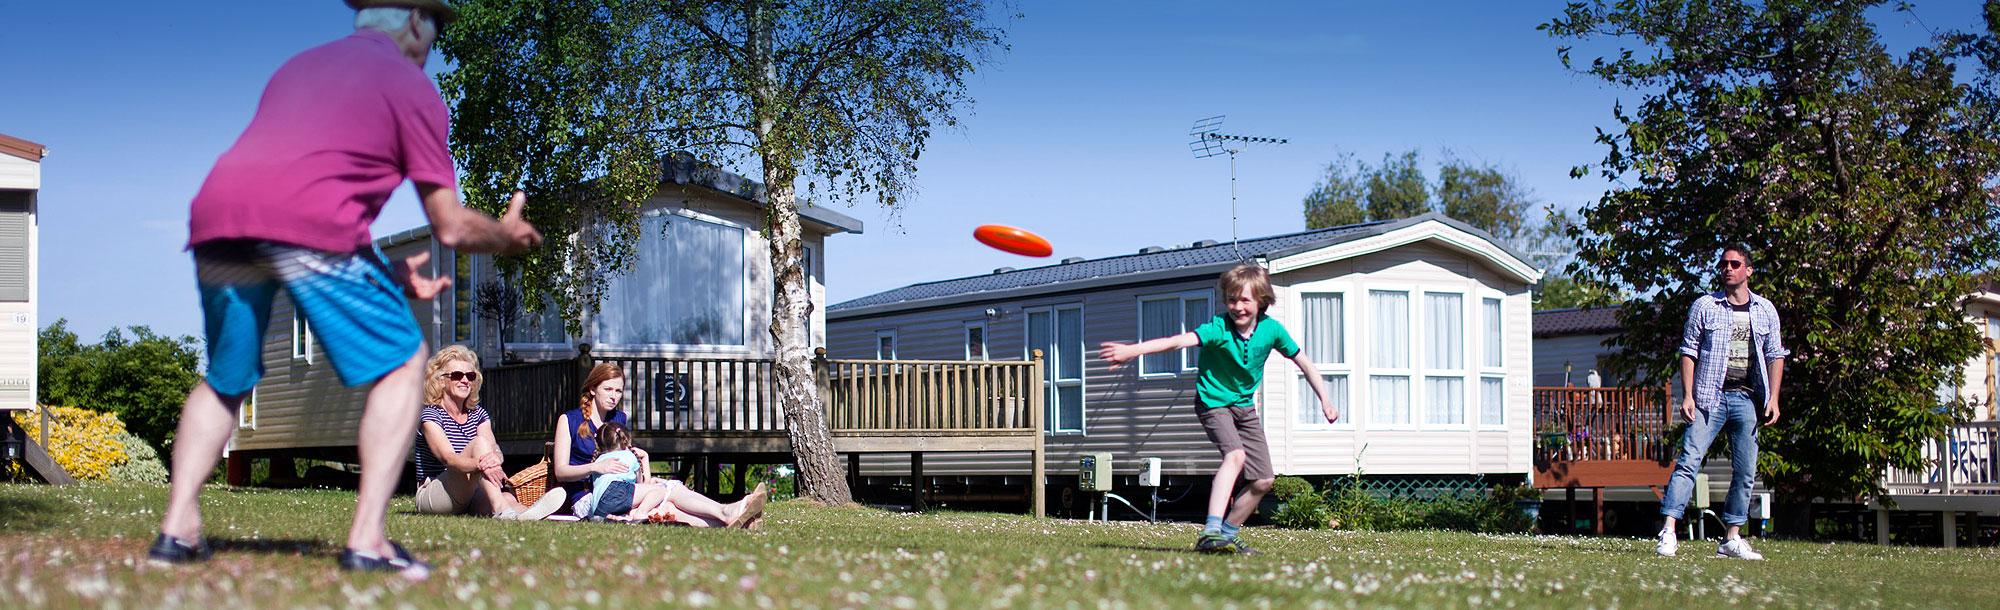 Caravan holidays in Essex